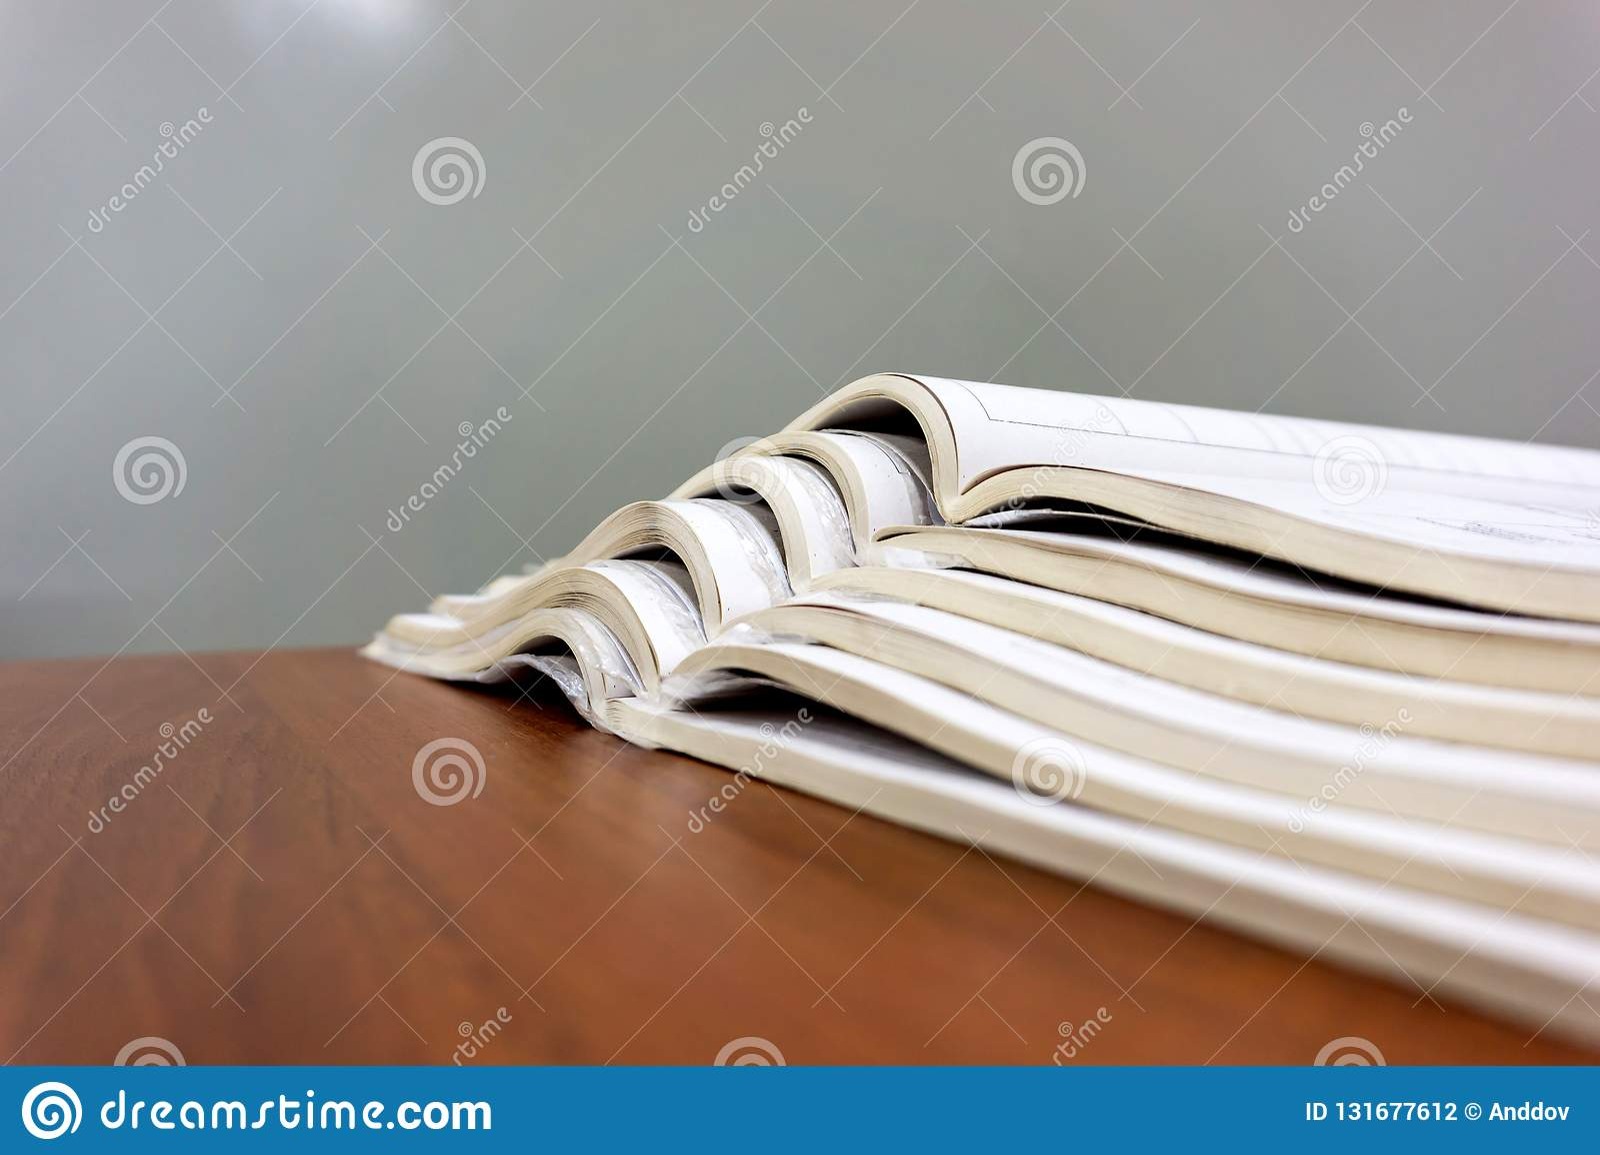 Offene Zeitschriften liegen auf einander auf einer braunen Tabelle, Dokumente sind Staplungsnahaufnahme